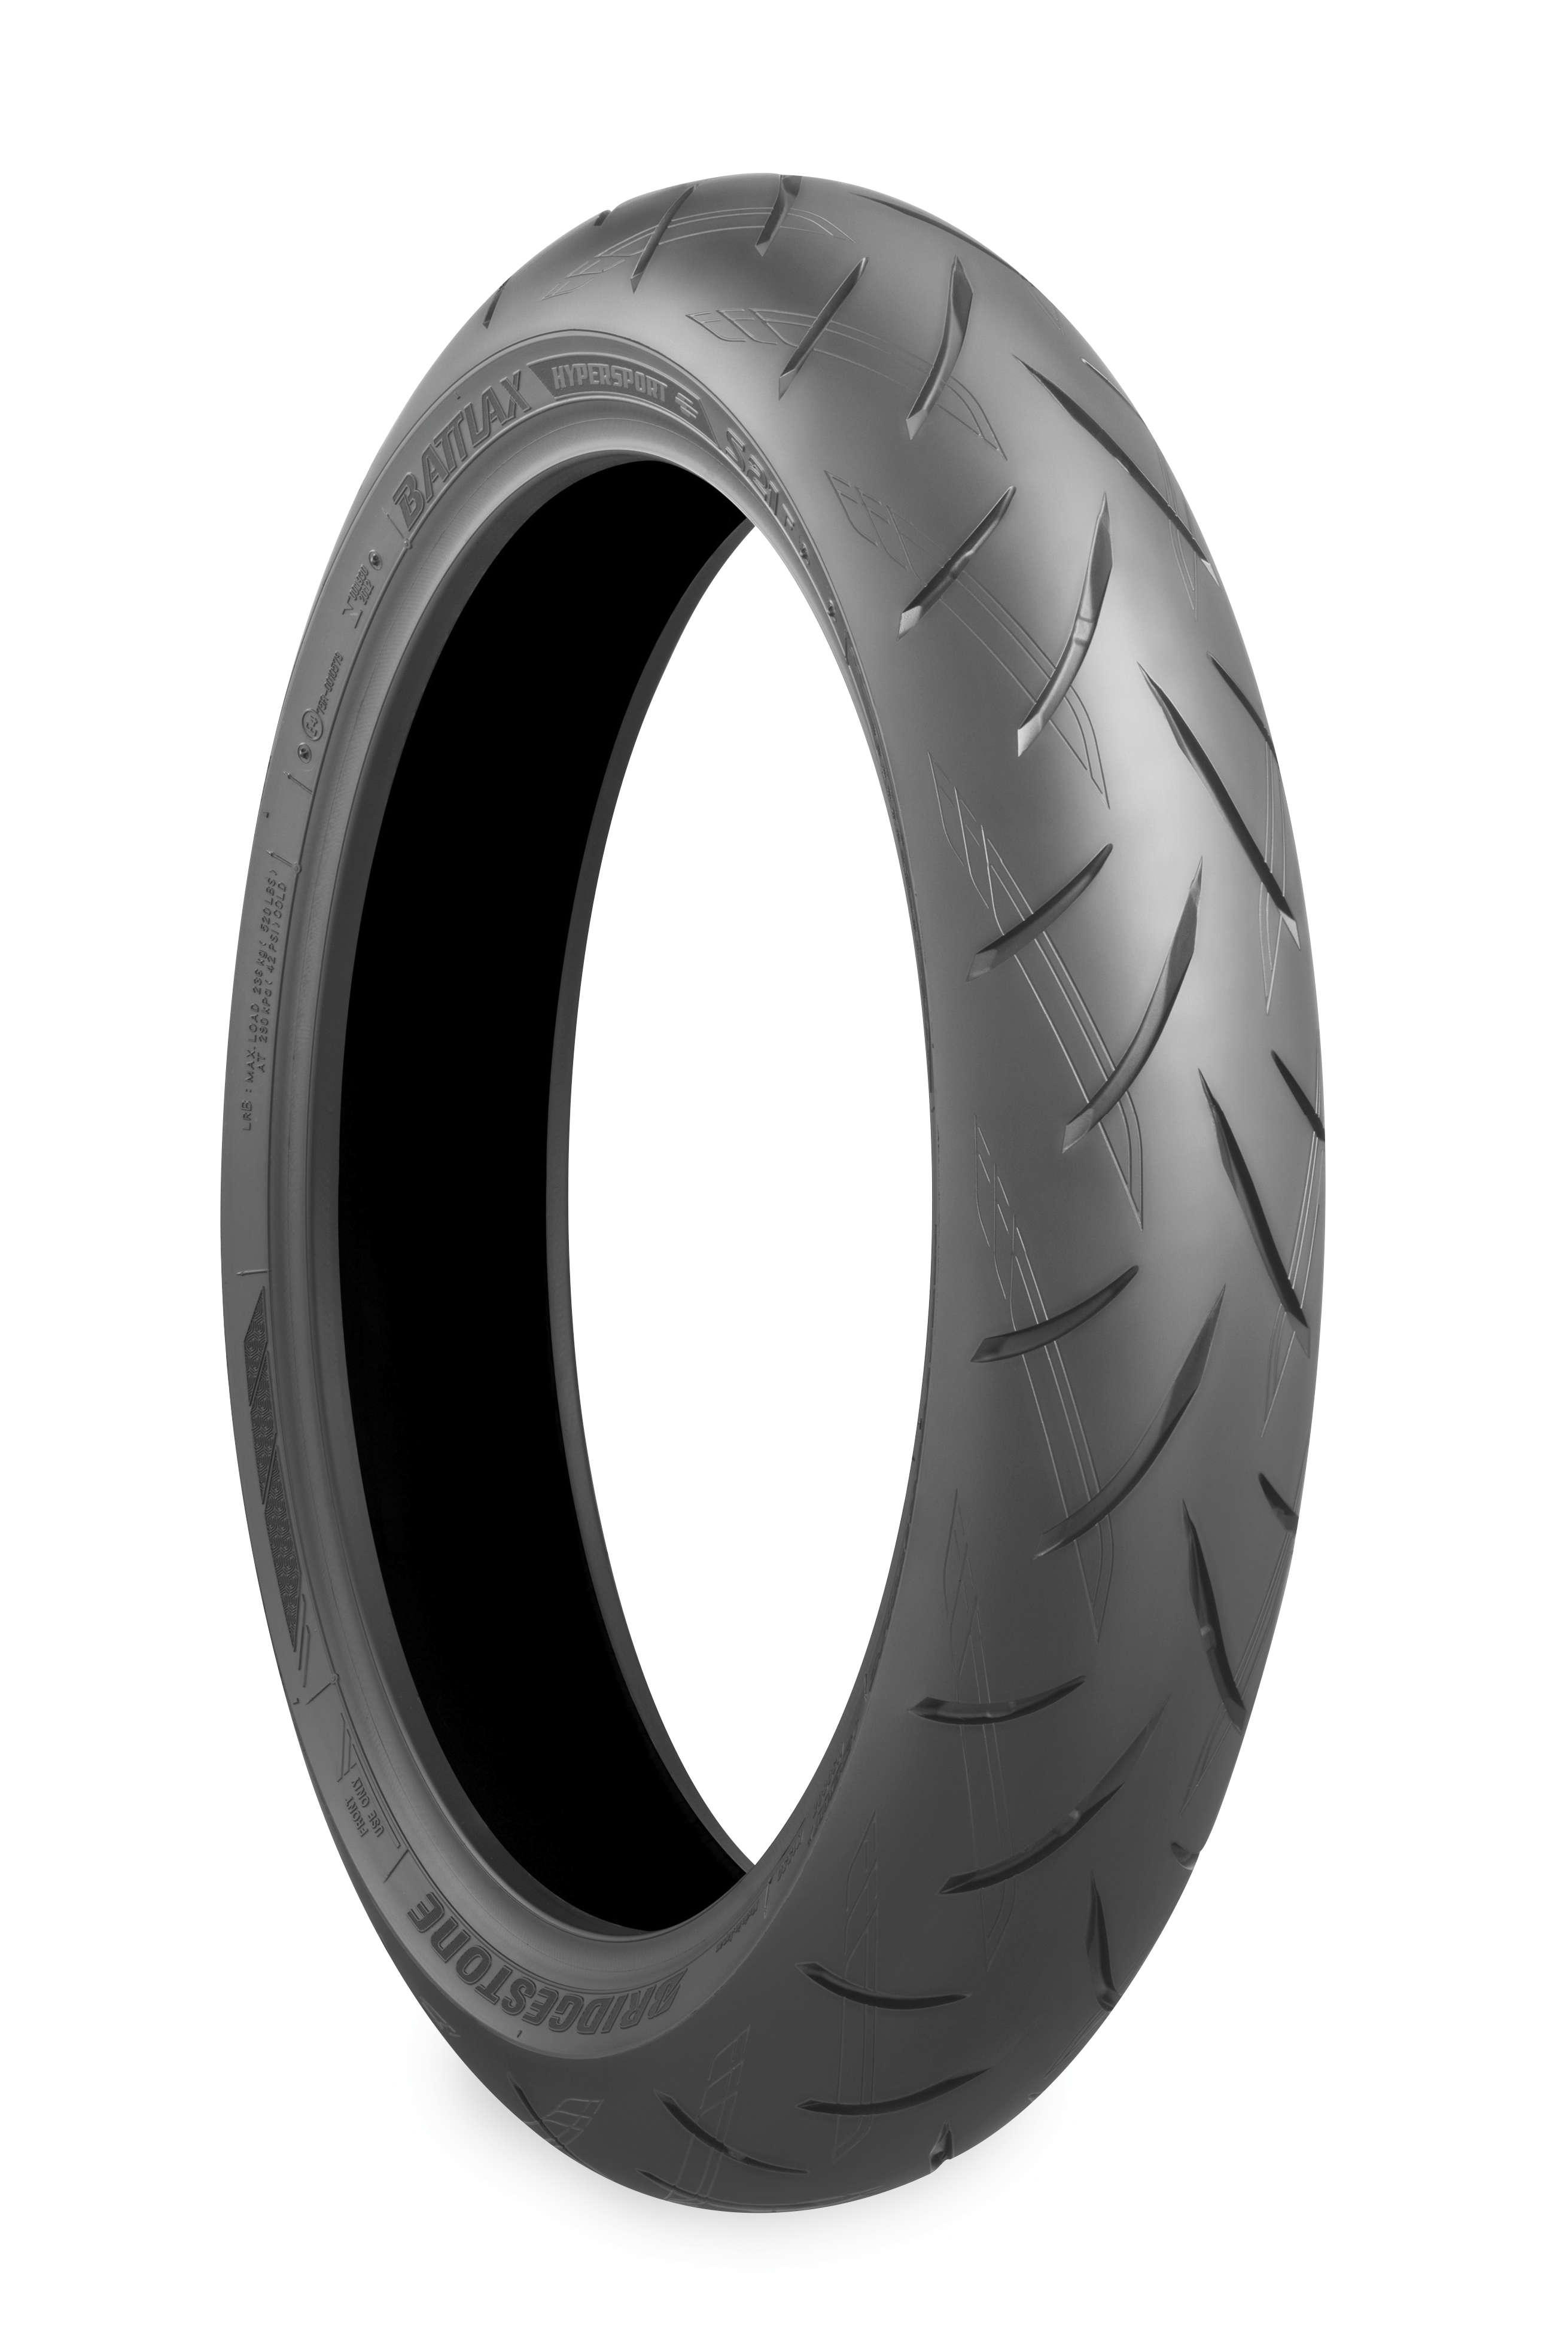 Battlax 21 Hypersport Tires